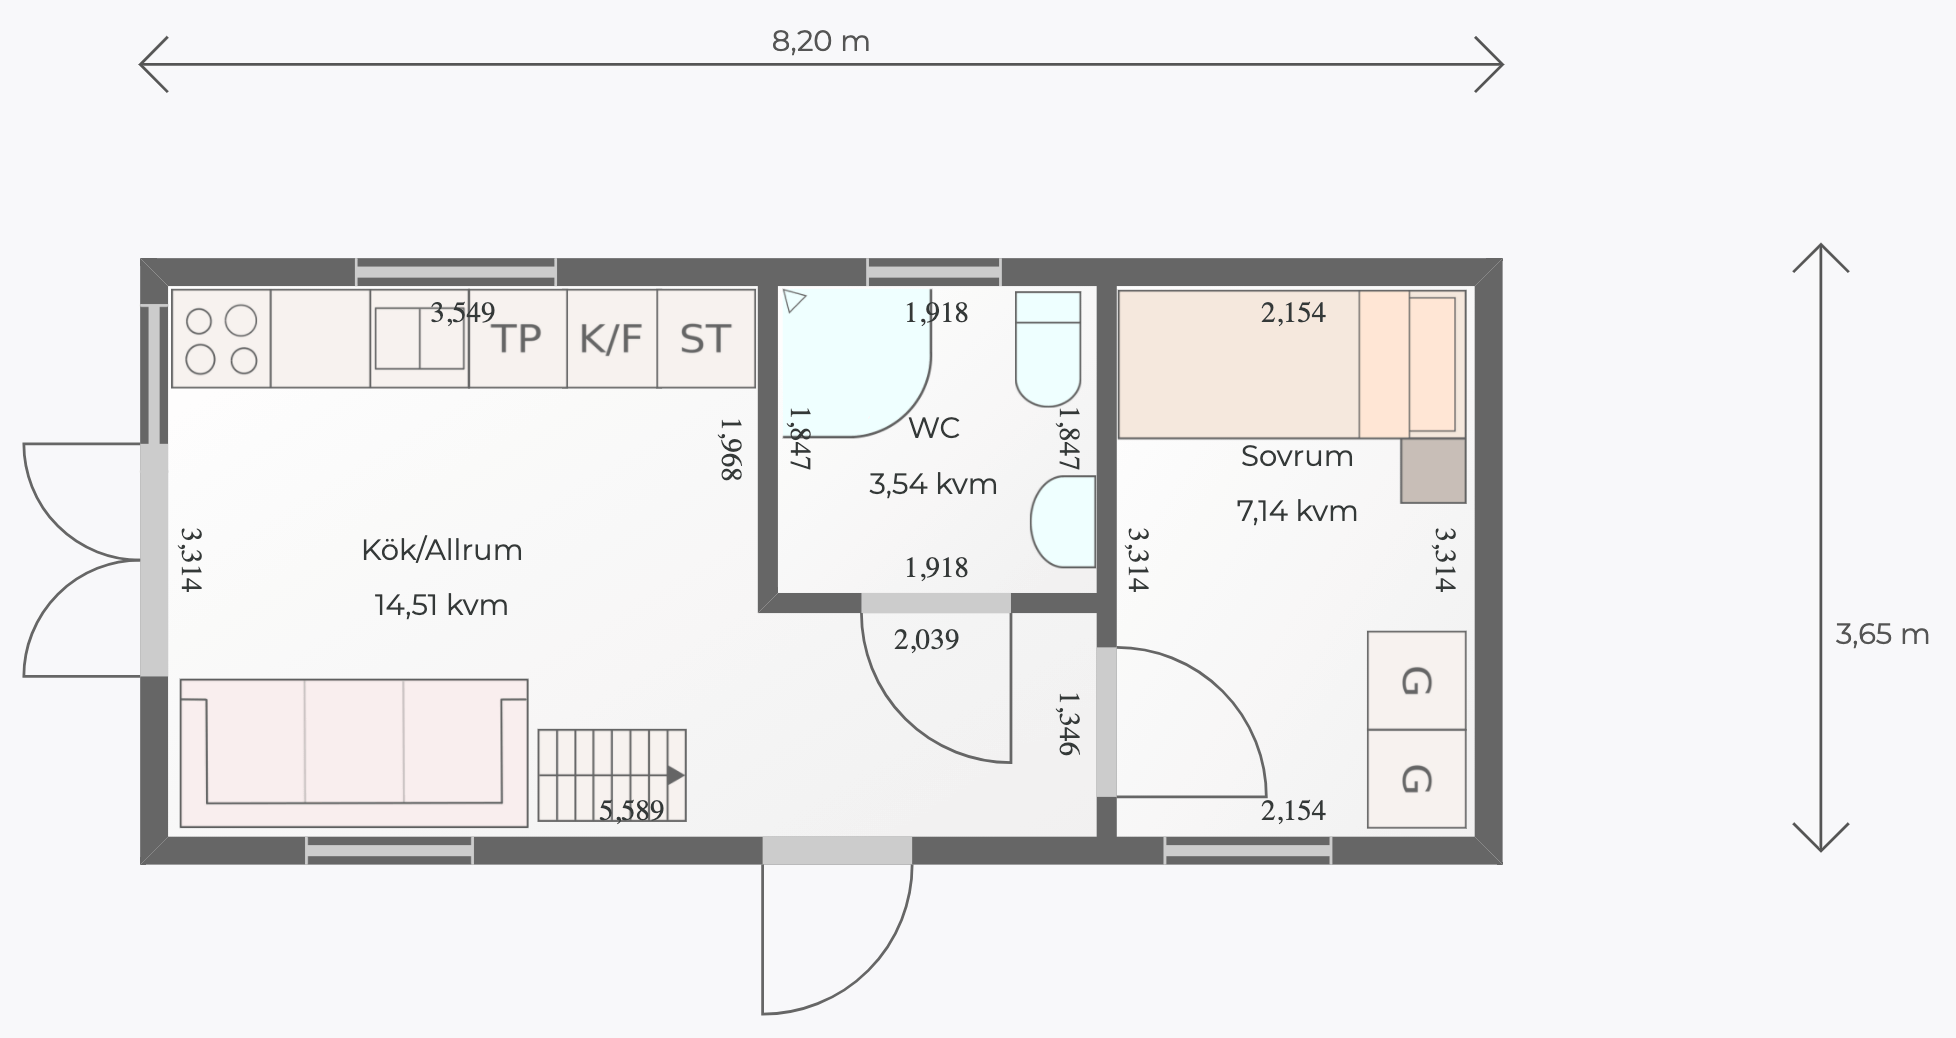 Planlösning av ett uppritat attefallshus